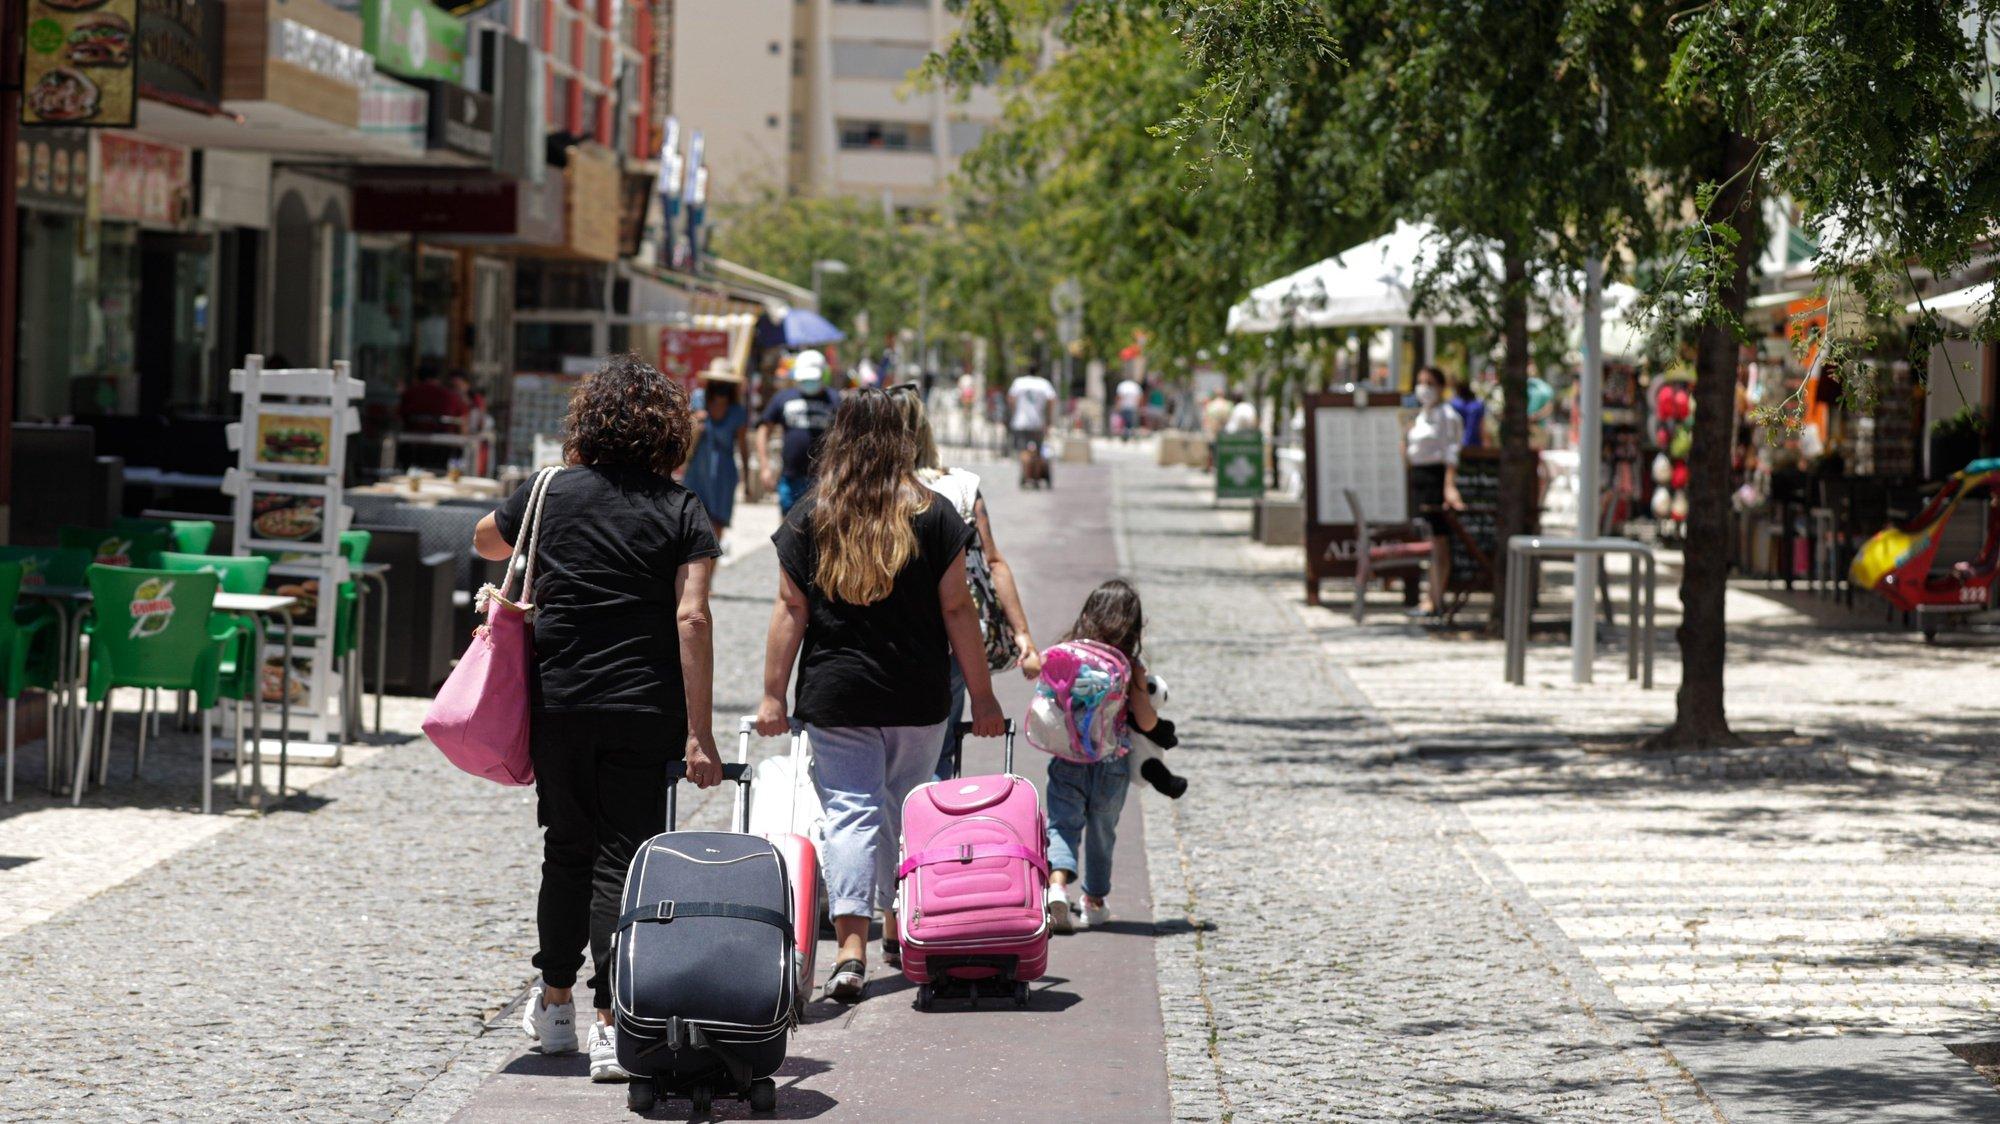 Falta de turistas na praia da Rocha devido à pandemia de covid-19 leva ao desespero de muitos comerciantes, que são obrigados a fecharem as portas por falta de clientes, em Portimão, 24 de junho de 2021. (ACOMPANHA TEXTO DA LUSA DO DIA 27 DE JUNHO DE 2021). LUÍS FORRA/LUSA